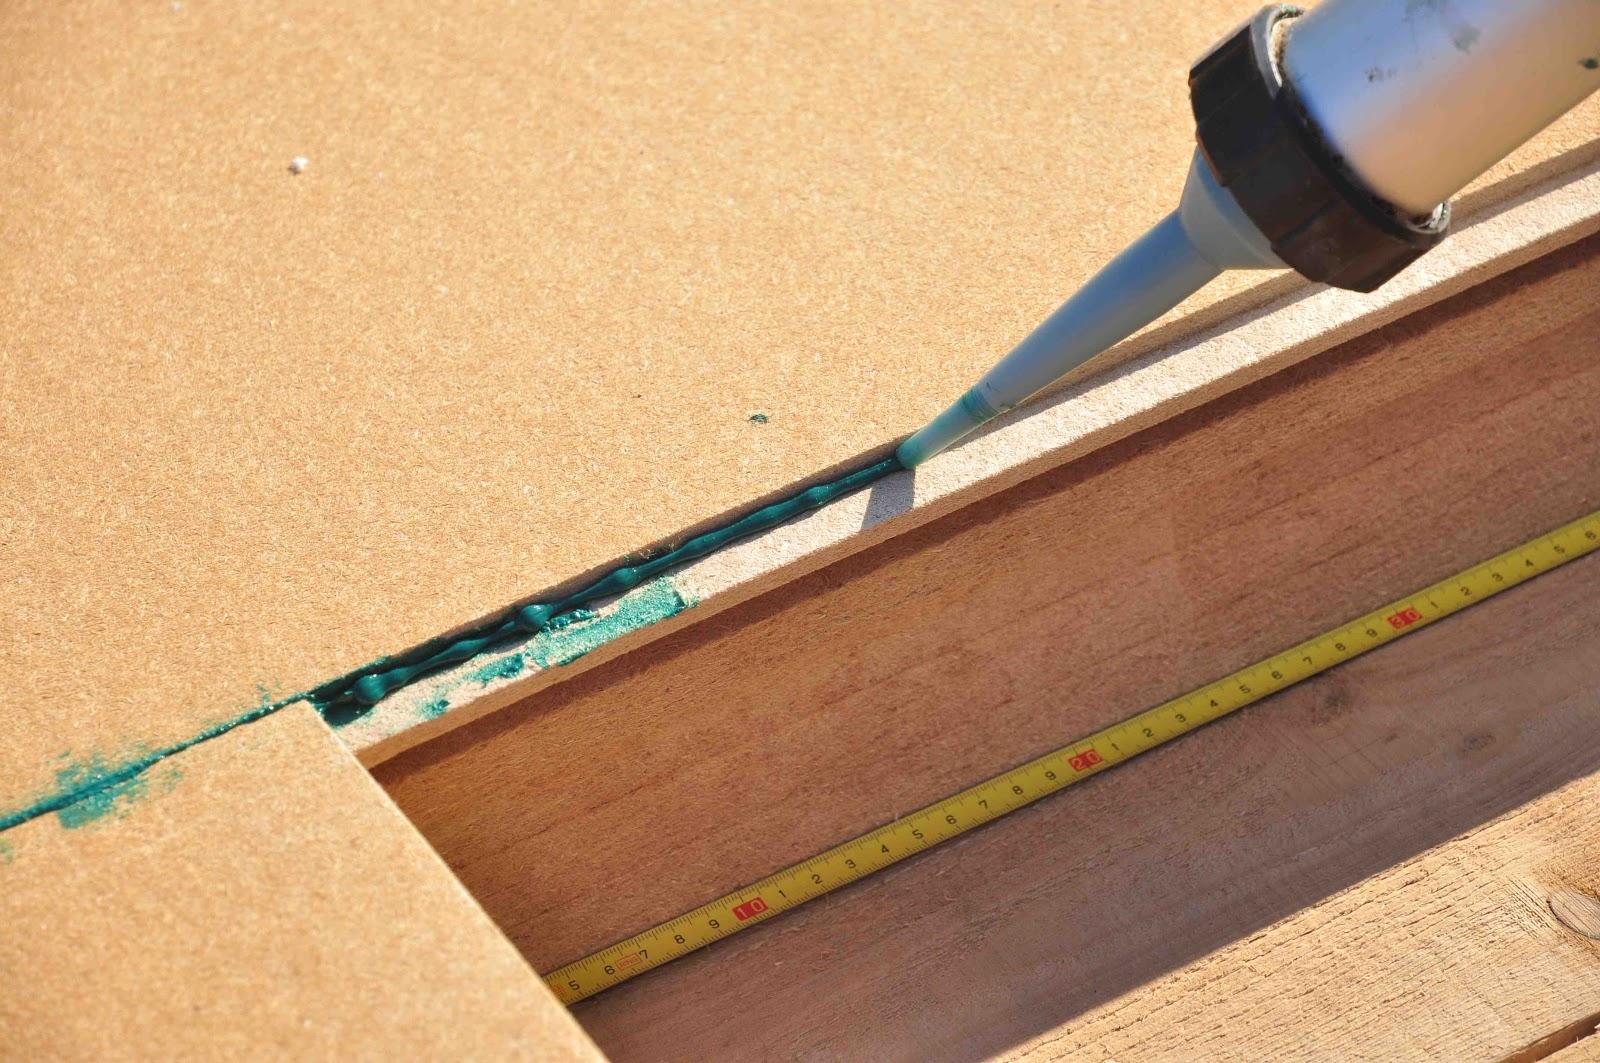 isolation en laine de bois compress e p le environnement solutions bois et toit v g tal pour. Black Bedroom Furniture Sets. Home Design Ideas